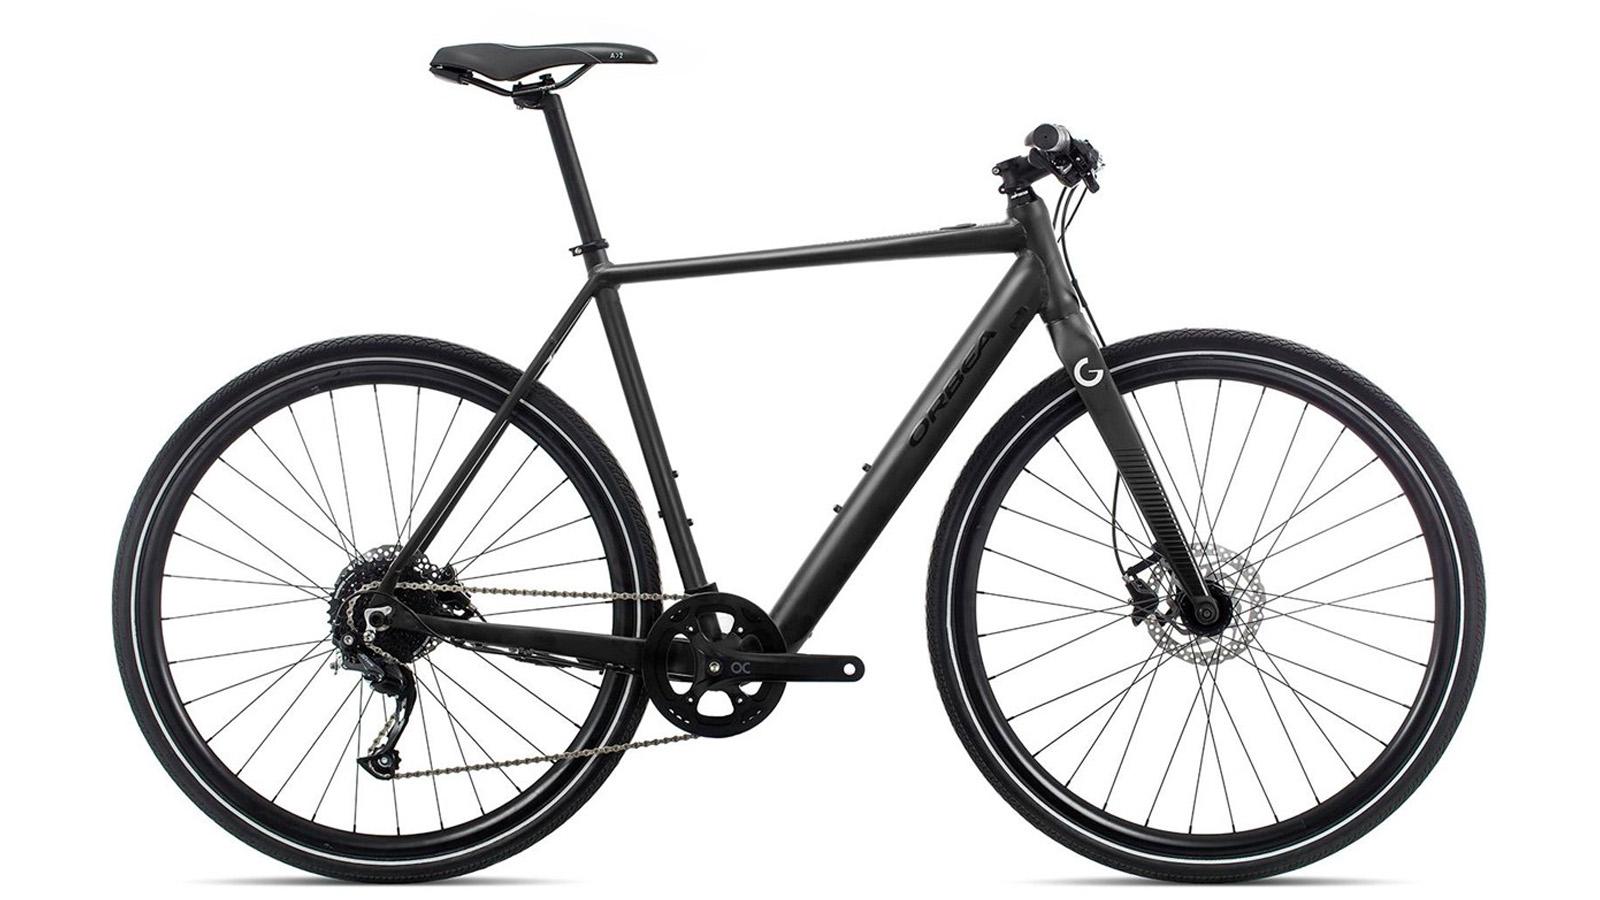 Best commuter bike: Orbea Gain F40